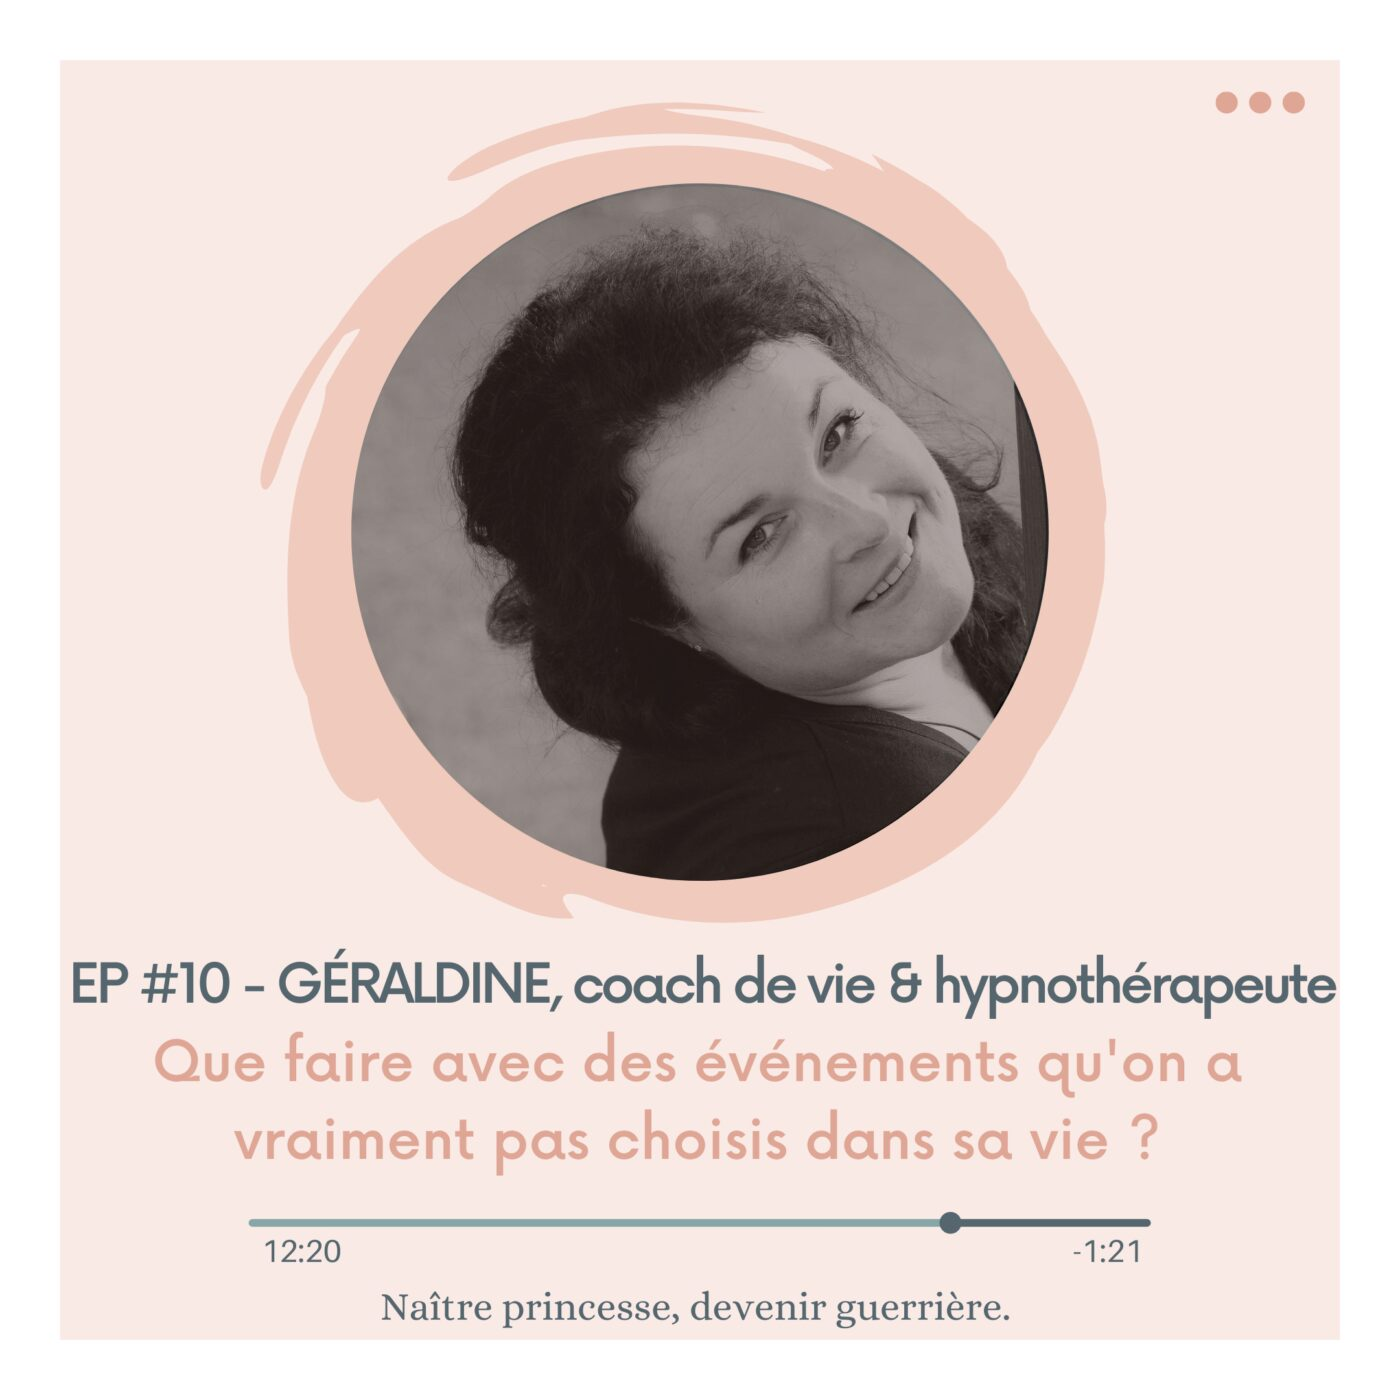 EP#10 - QUE FAIRE AVEC DES ÉVÉNEMENTS QU'ON A VRAIMENT PAS CHOISIS DANS SA VIE ? GÉRALDINE, coach de vie et hypnothérapeute en cognitivo-comportemental